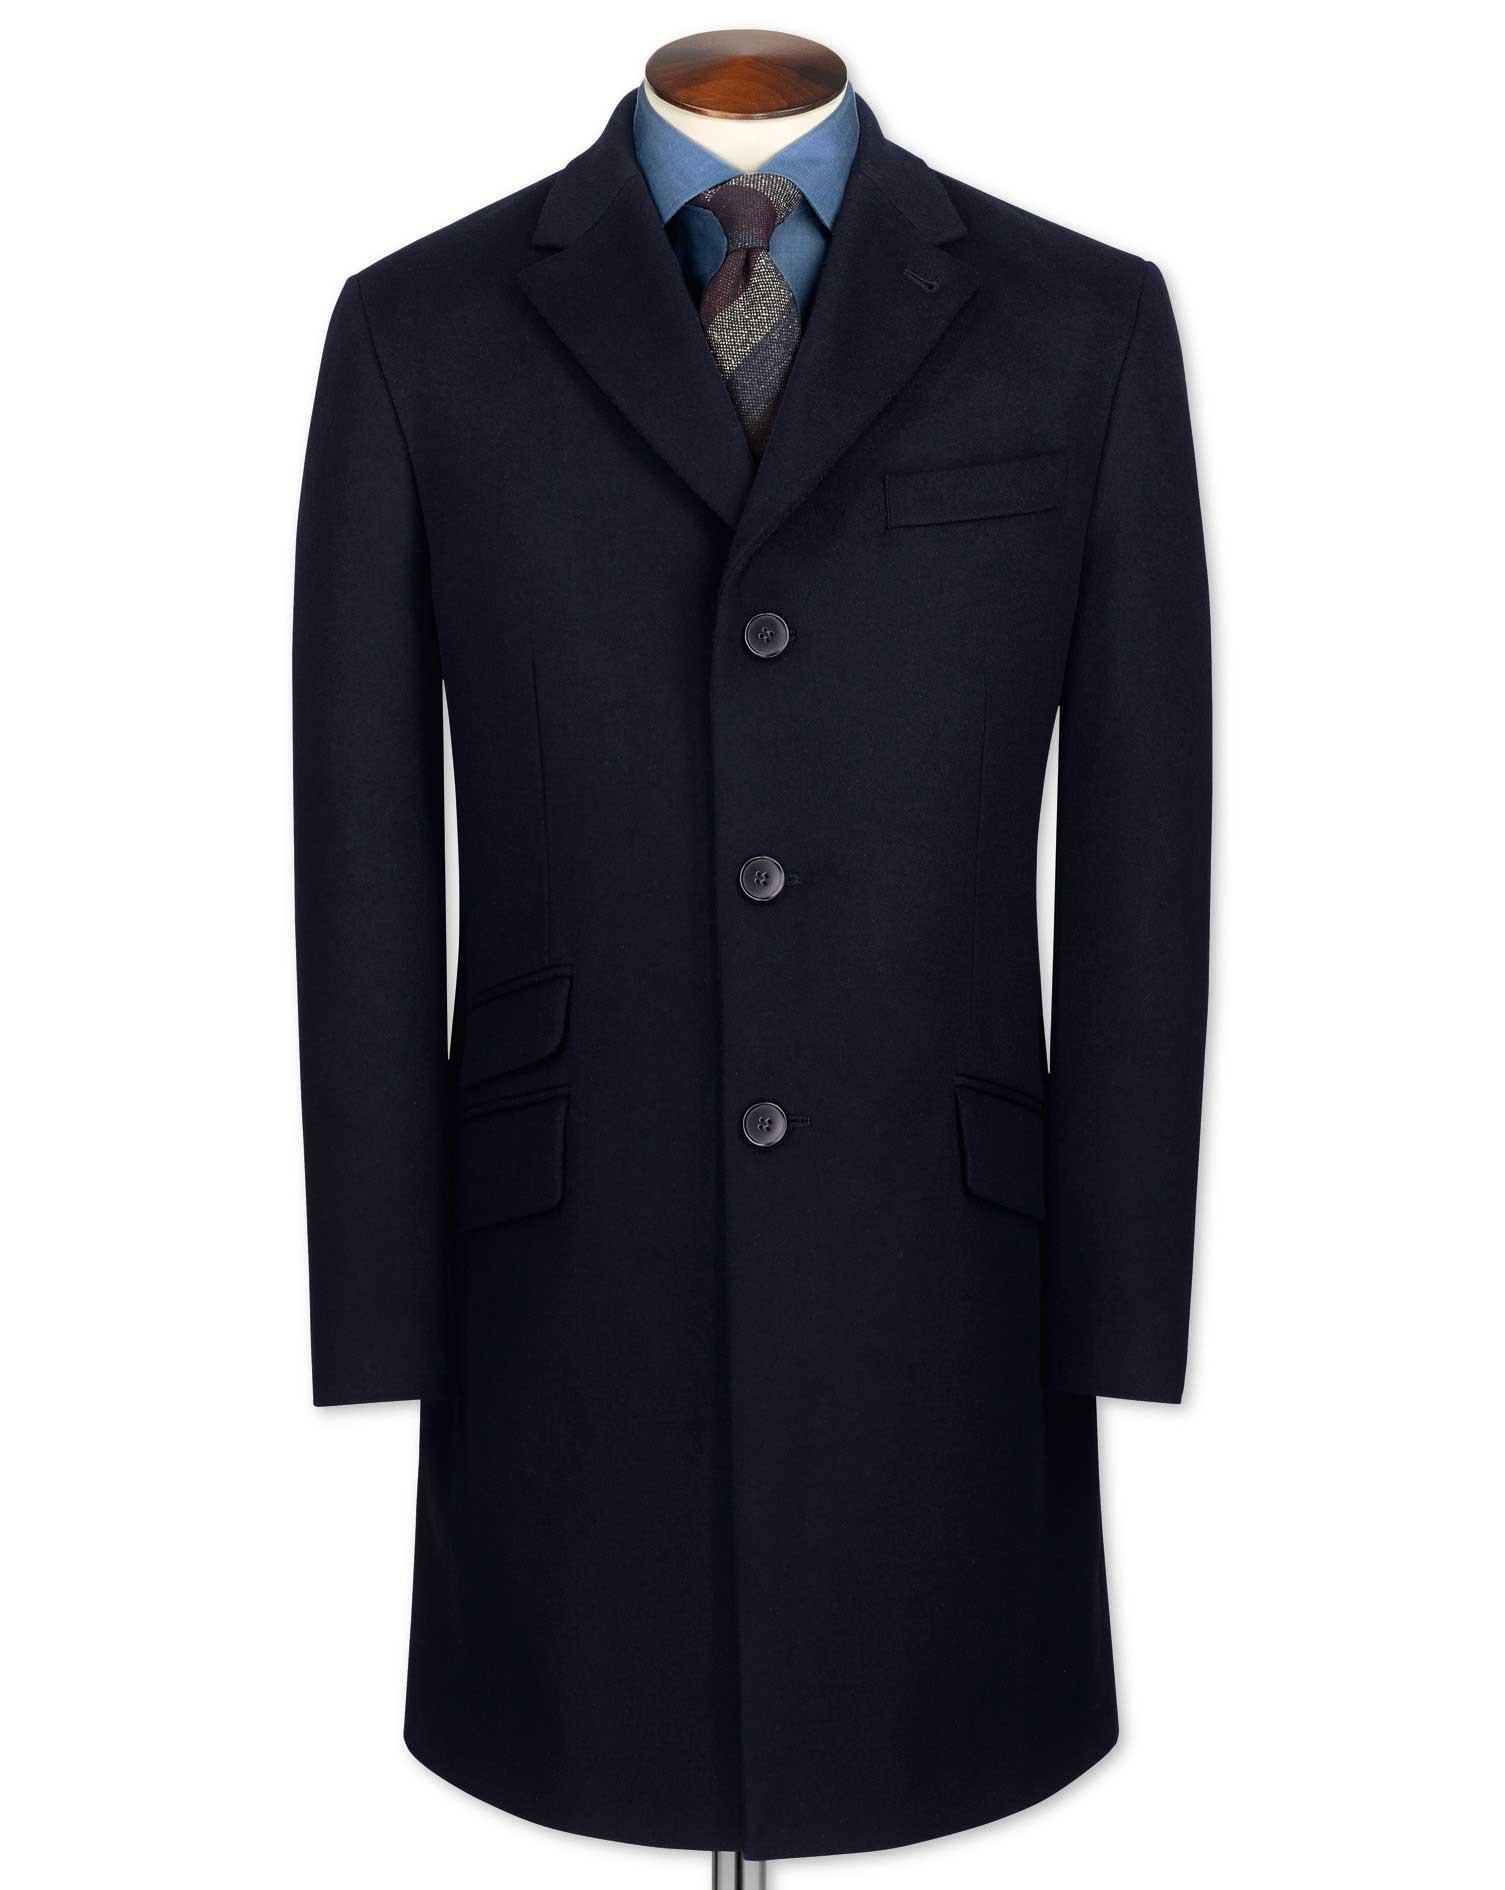 Navy Wool and Cashmere Epsom Overcoat Size 46 Regular by Charles Tyrwhitt